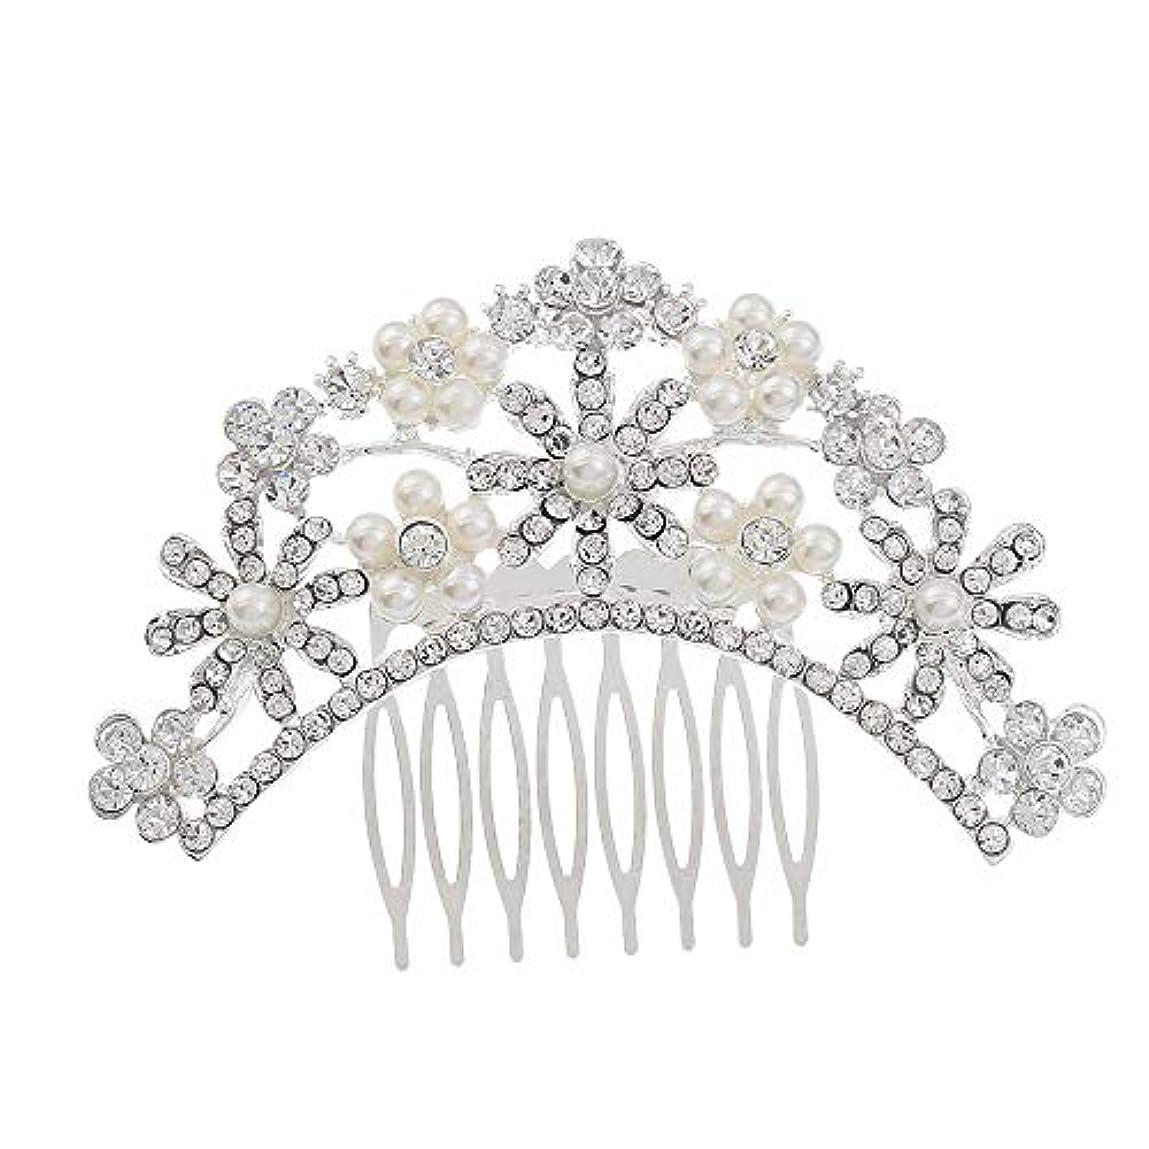 常習的構造底ヘアコームコーム櫛花嫁の髪櫛クラウンヘッドバンド結婚式の帽子真珠の髪の櫛ラインストーンインサート櫛